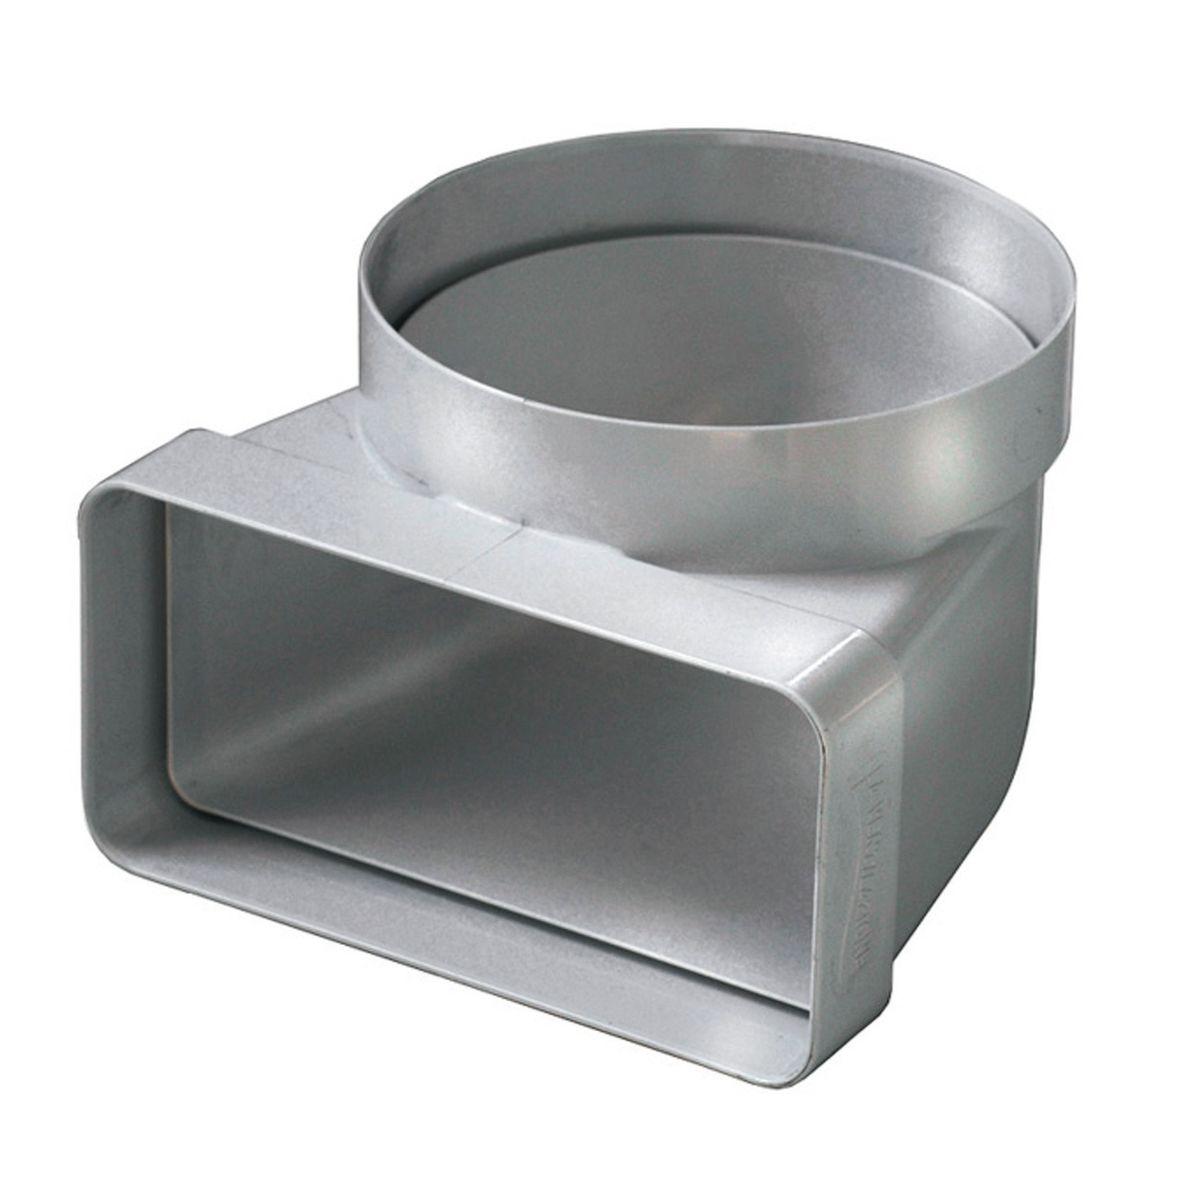 Cappe cucina: prezzi e offerte cappe aspiranti e filtranti 5